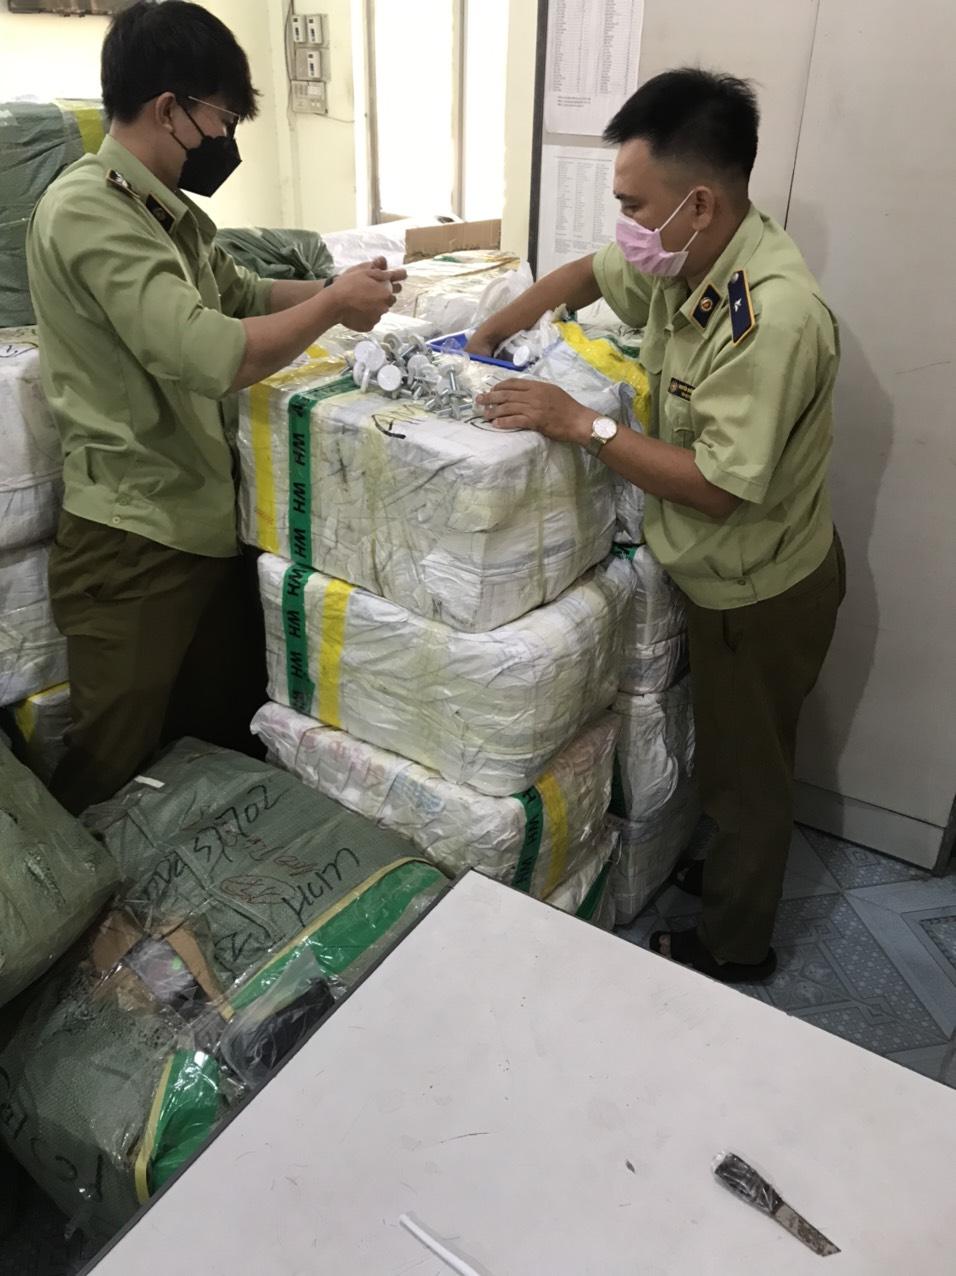 Đội QLTT số 1 – Cục QLTT Phú Yên tạm giữ 77 mục hàng hóa do Trung Quốc sản xuất không có hóa đơn, chứng từ.